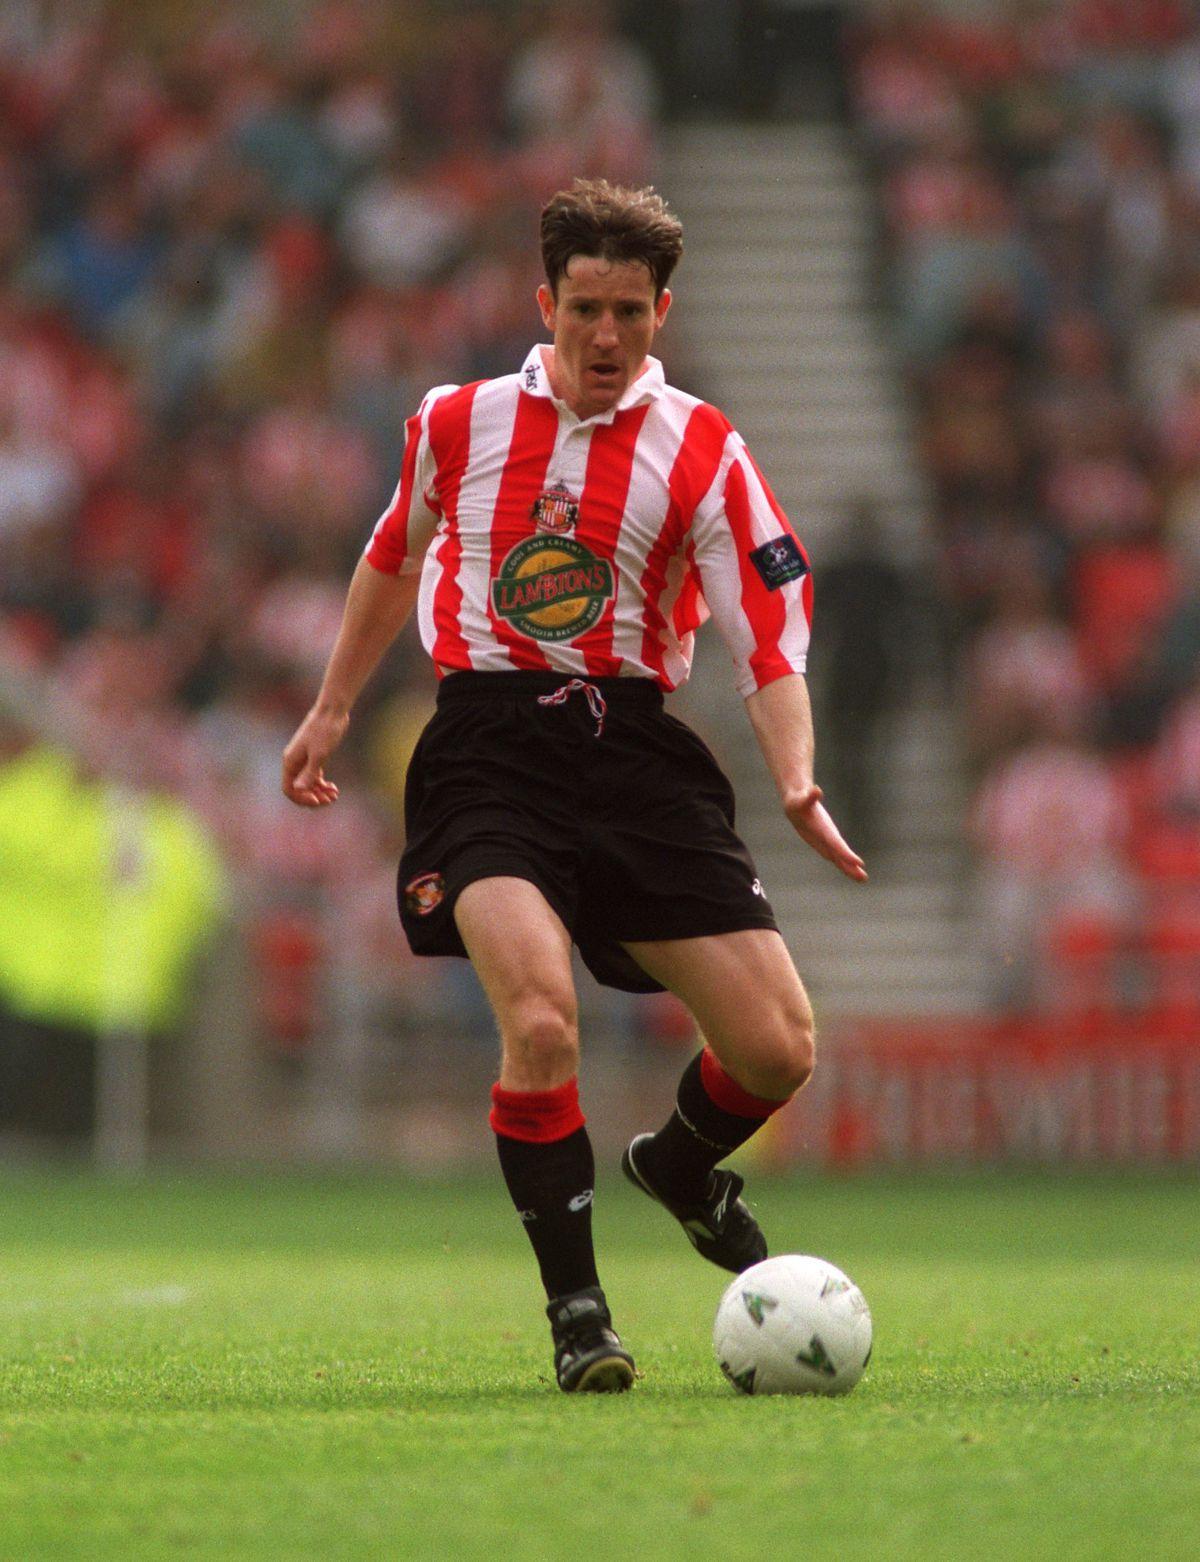 Soccer - Nationwide League Division One - Sunderland v Middlesbrough